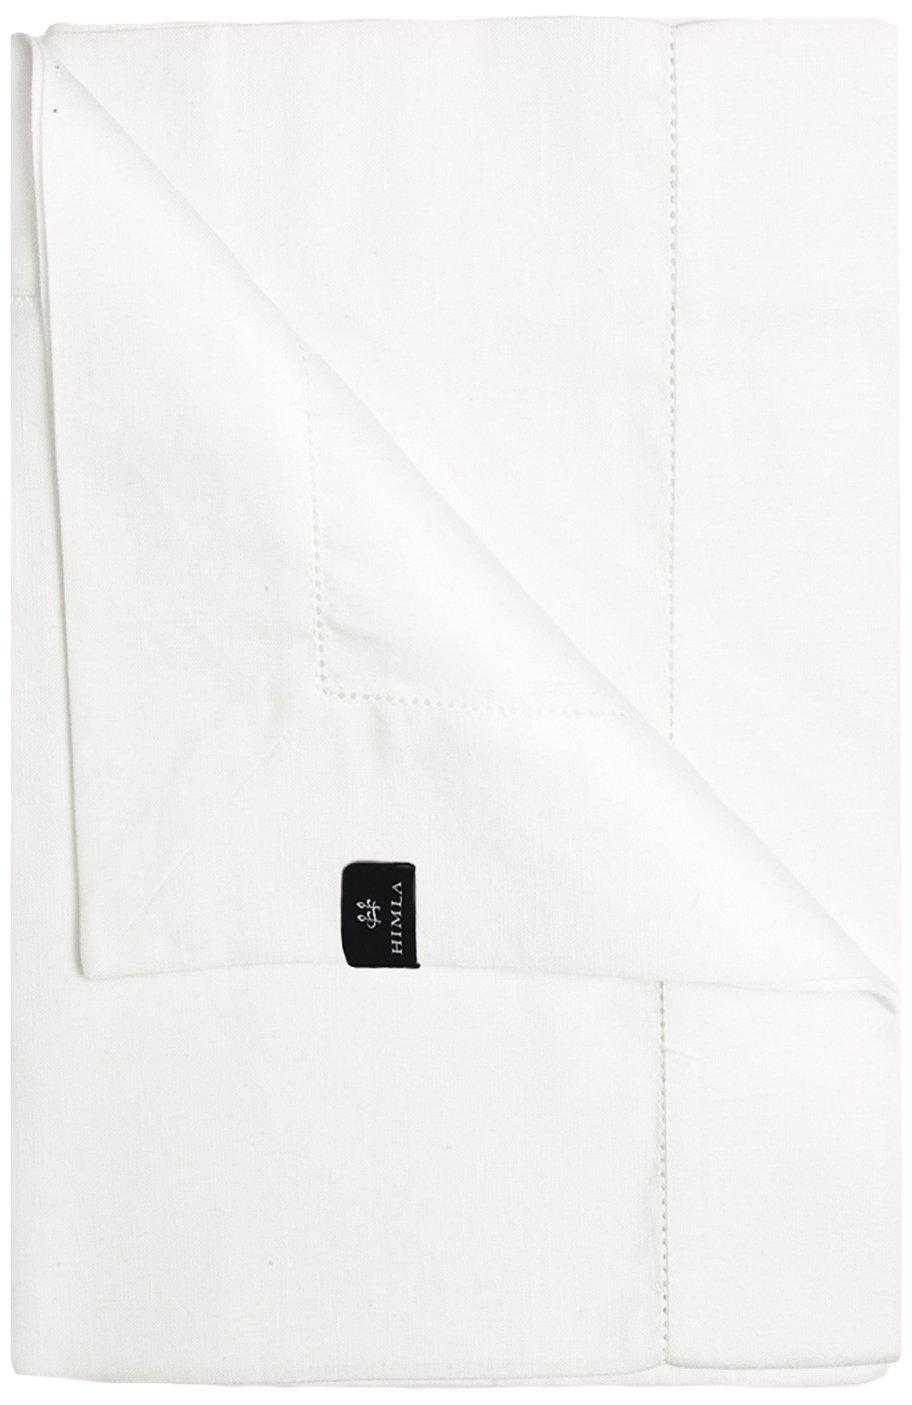 Himla Tischdecke Ebba, 160x330 cm, weiß